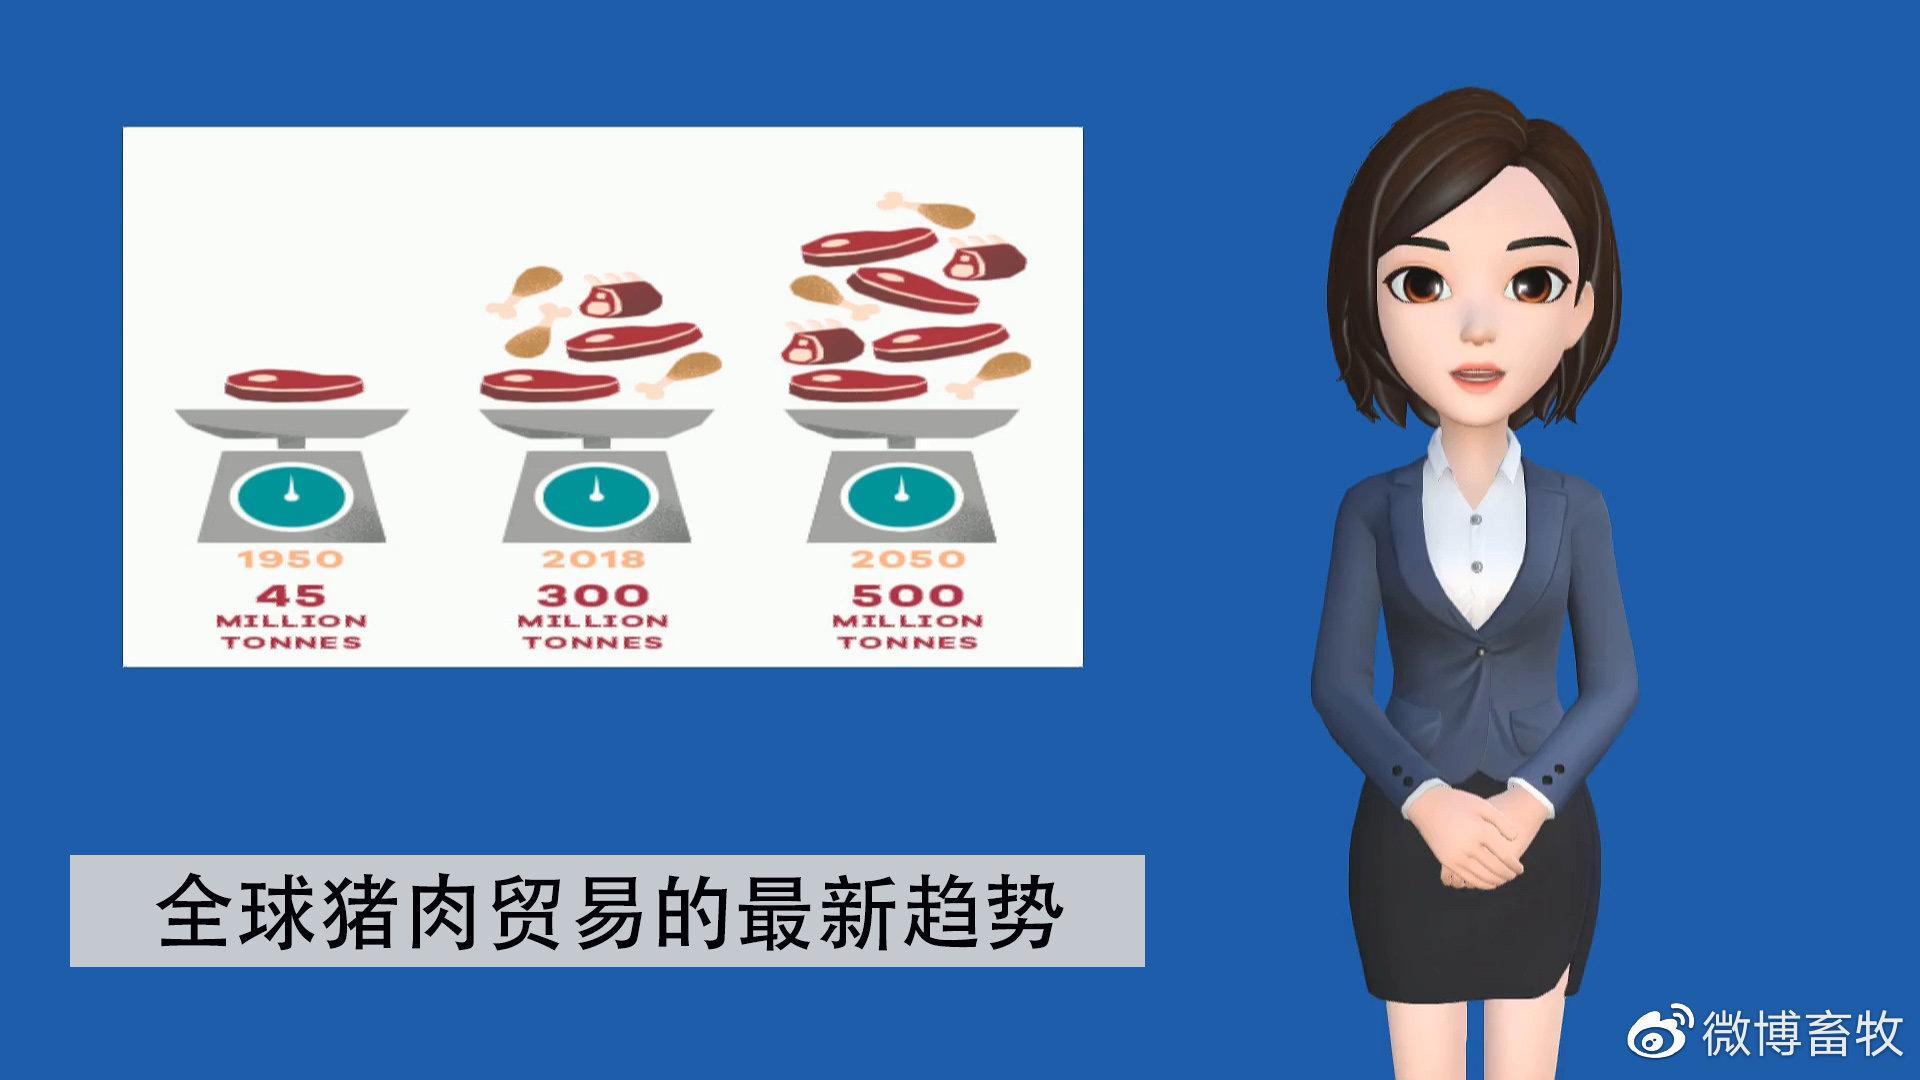 全球猪肉贸易的最新趋势:中国超越日本成为第一猪肉进口国!